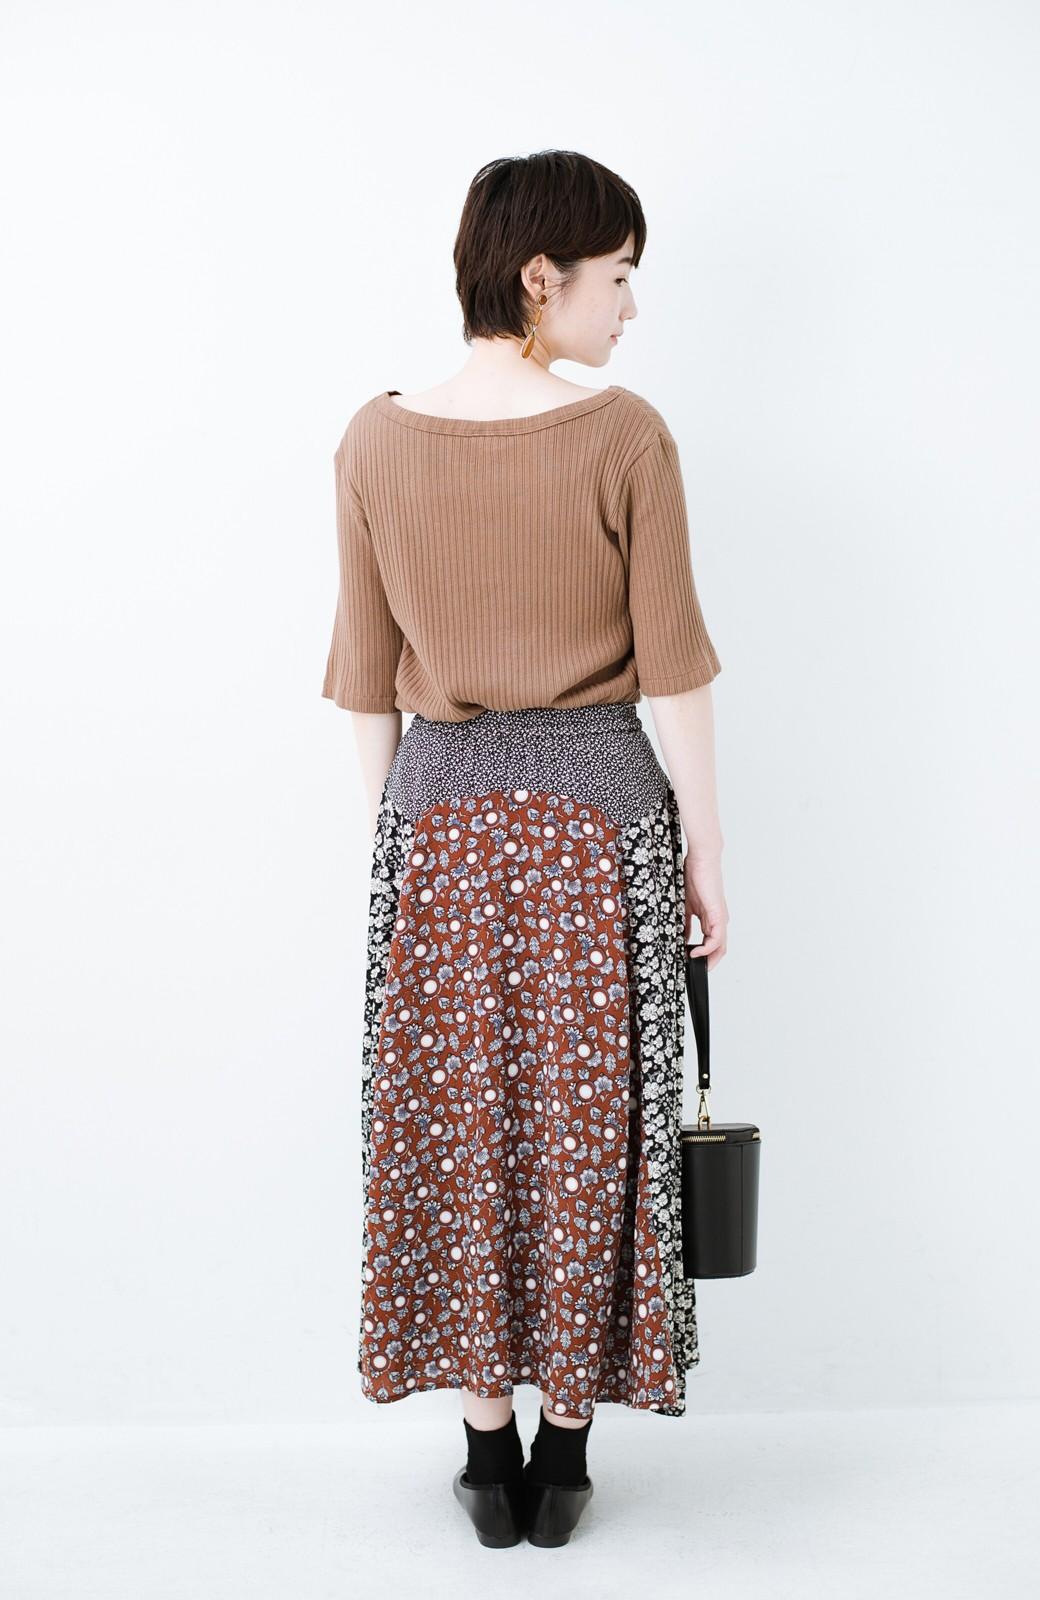 haco! 【洗濯機洗いOK】シンプルなトップスに合わせるだけでかわいくなれる MIX柄スカート <ブラックミックス>の商品写真15